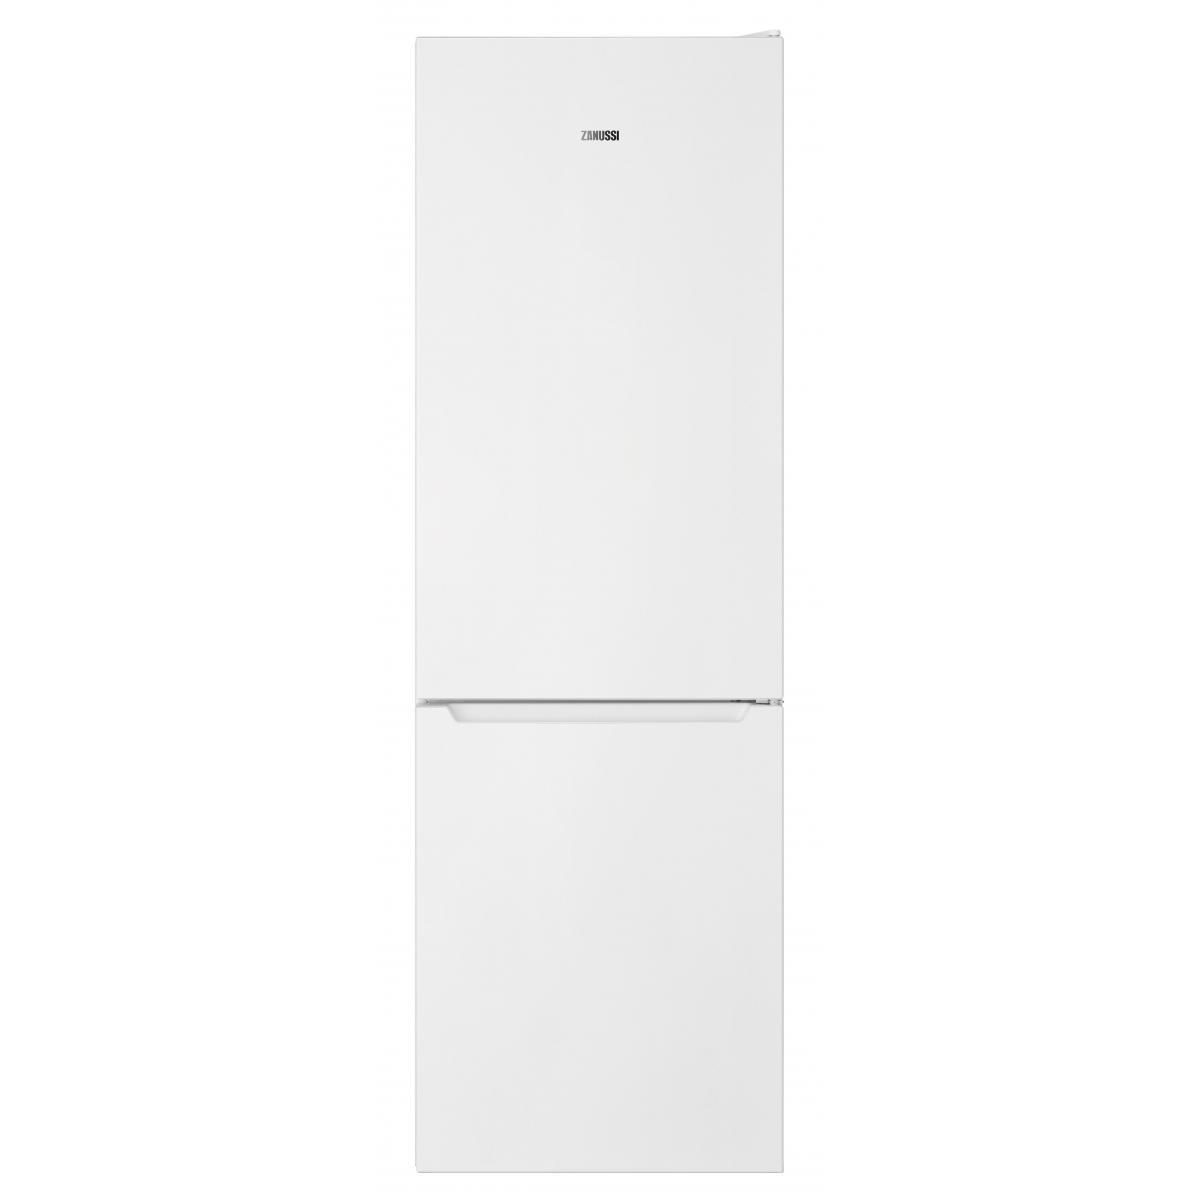 Faure Réfrigérateur combiné 324L Froid Ventilé FAURE 59.5cm A+, FCBE32FW0